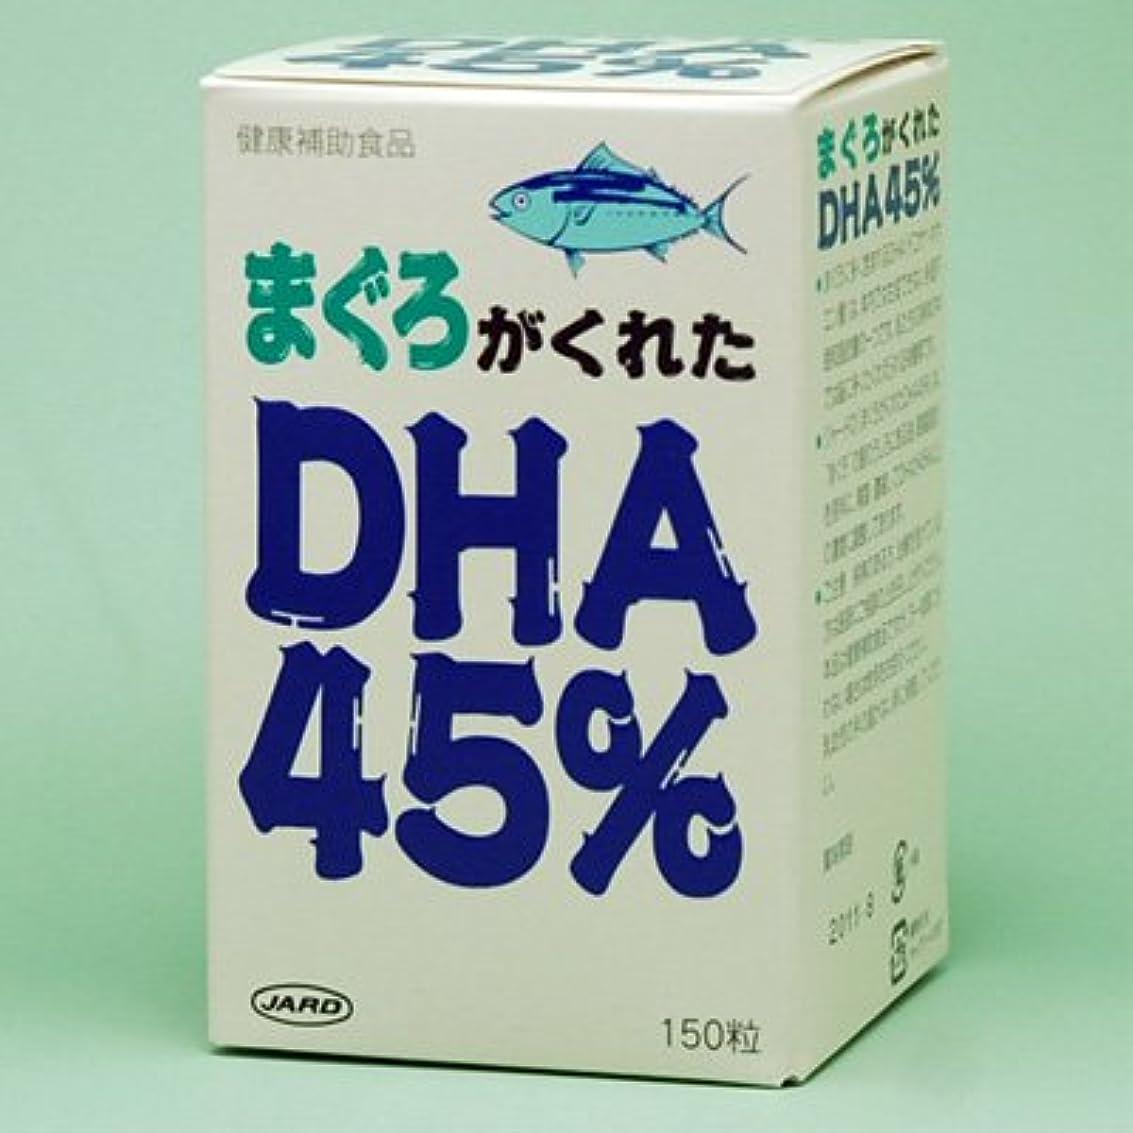 カロリープレゼン泥沼まぐろがくれたDHA45%【3本セット】ジャード